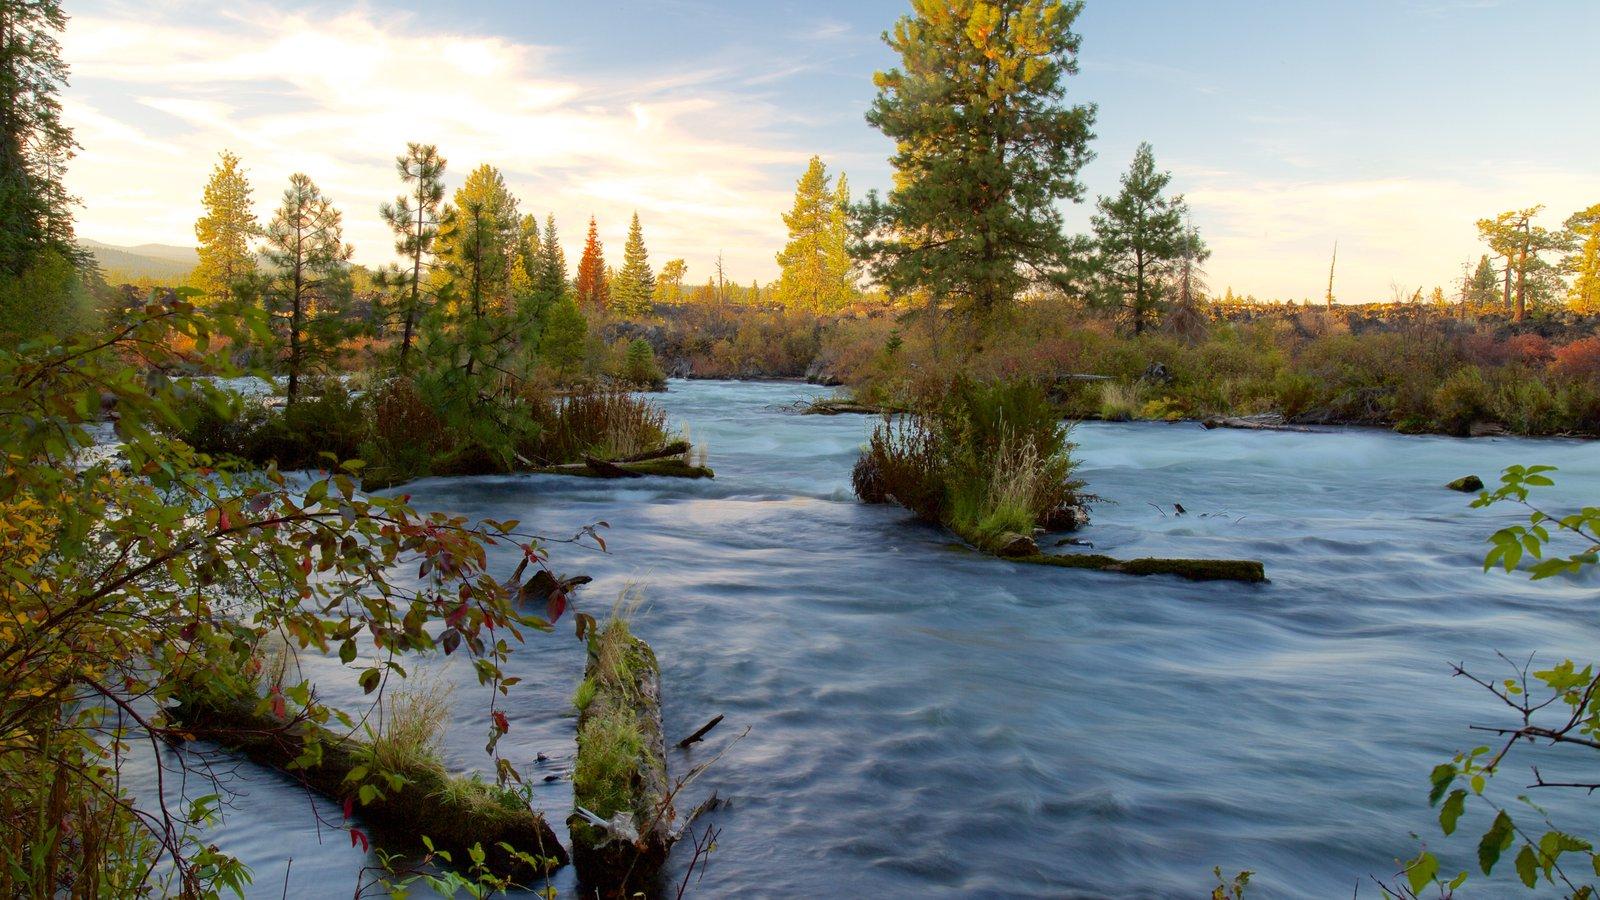 Deschutes National Forest que incluye hojas de otoño, rápidos y bosques